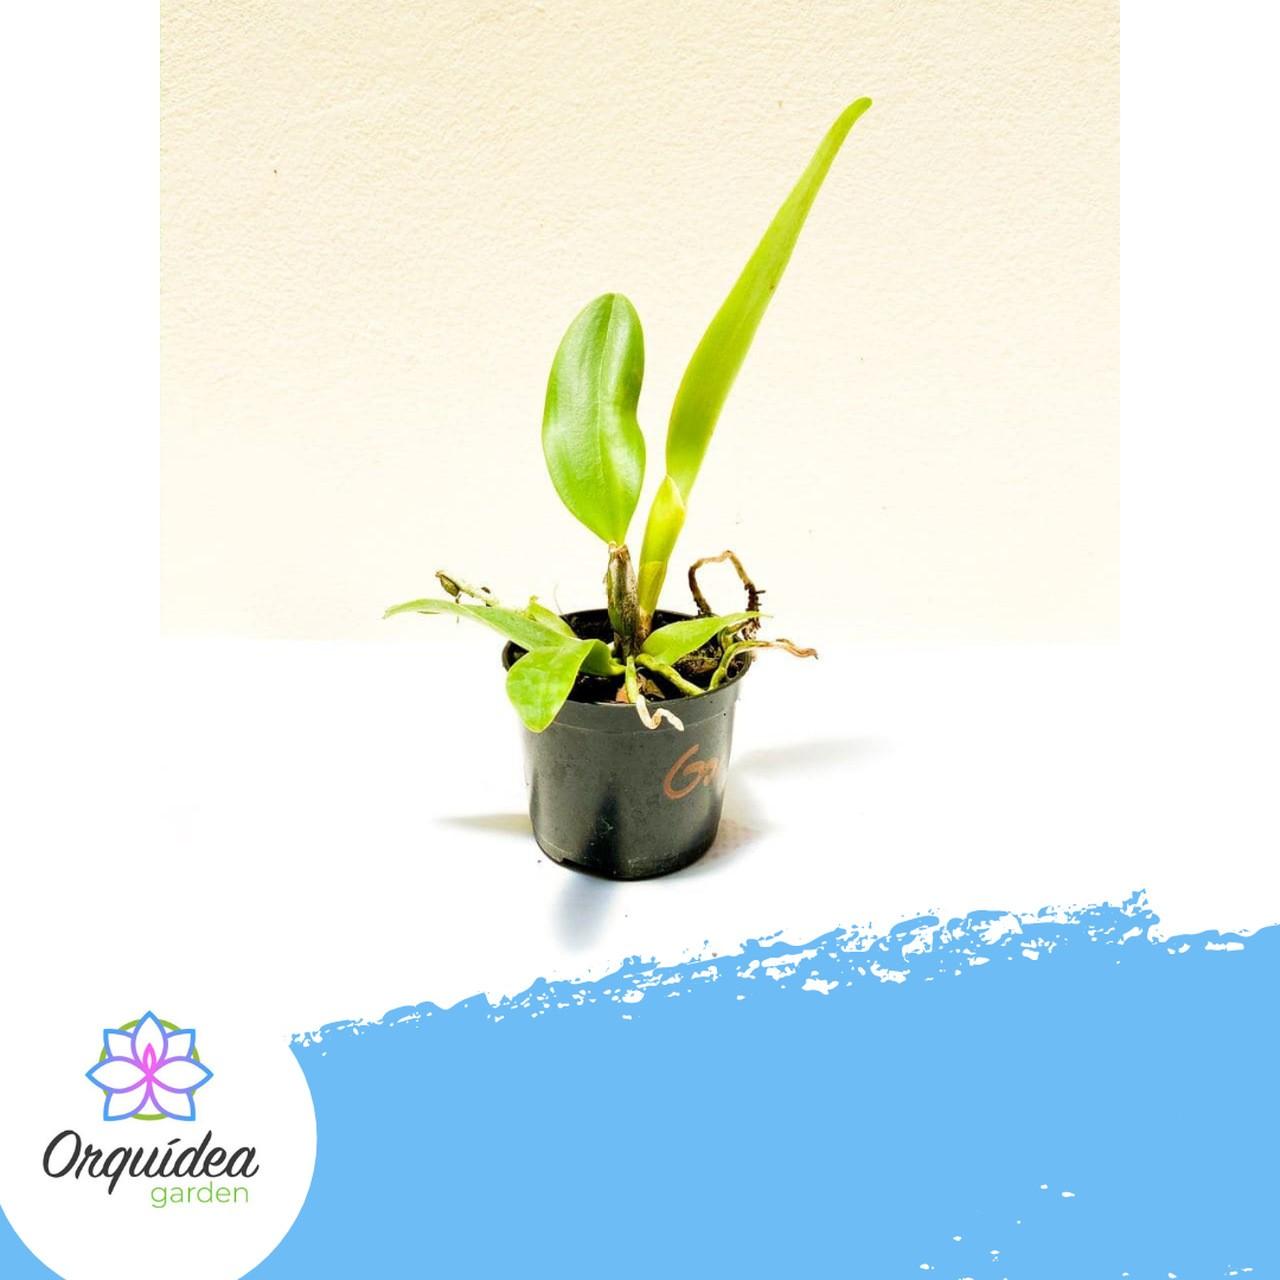 ORQUÍDEA CATTLEYA Lc. Mini Song Petite - Tamanho 3  - ORQUIDEA GARDEN